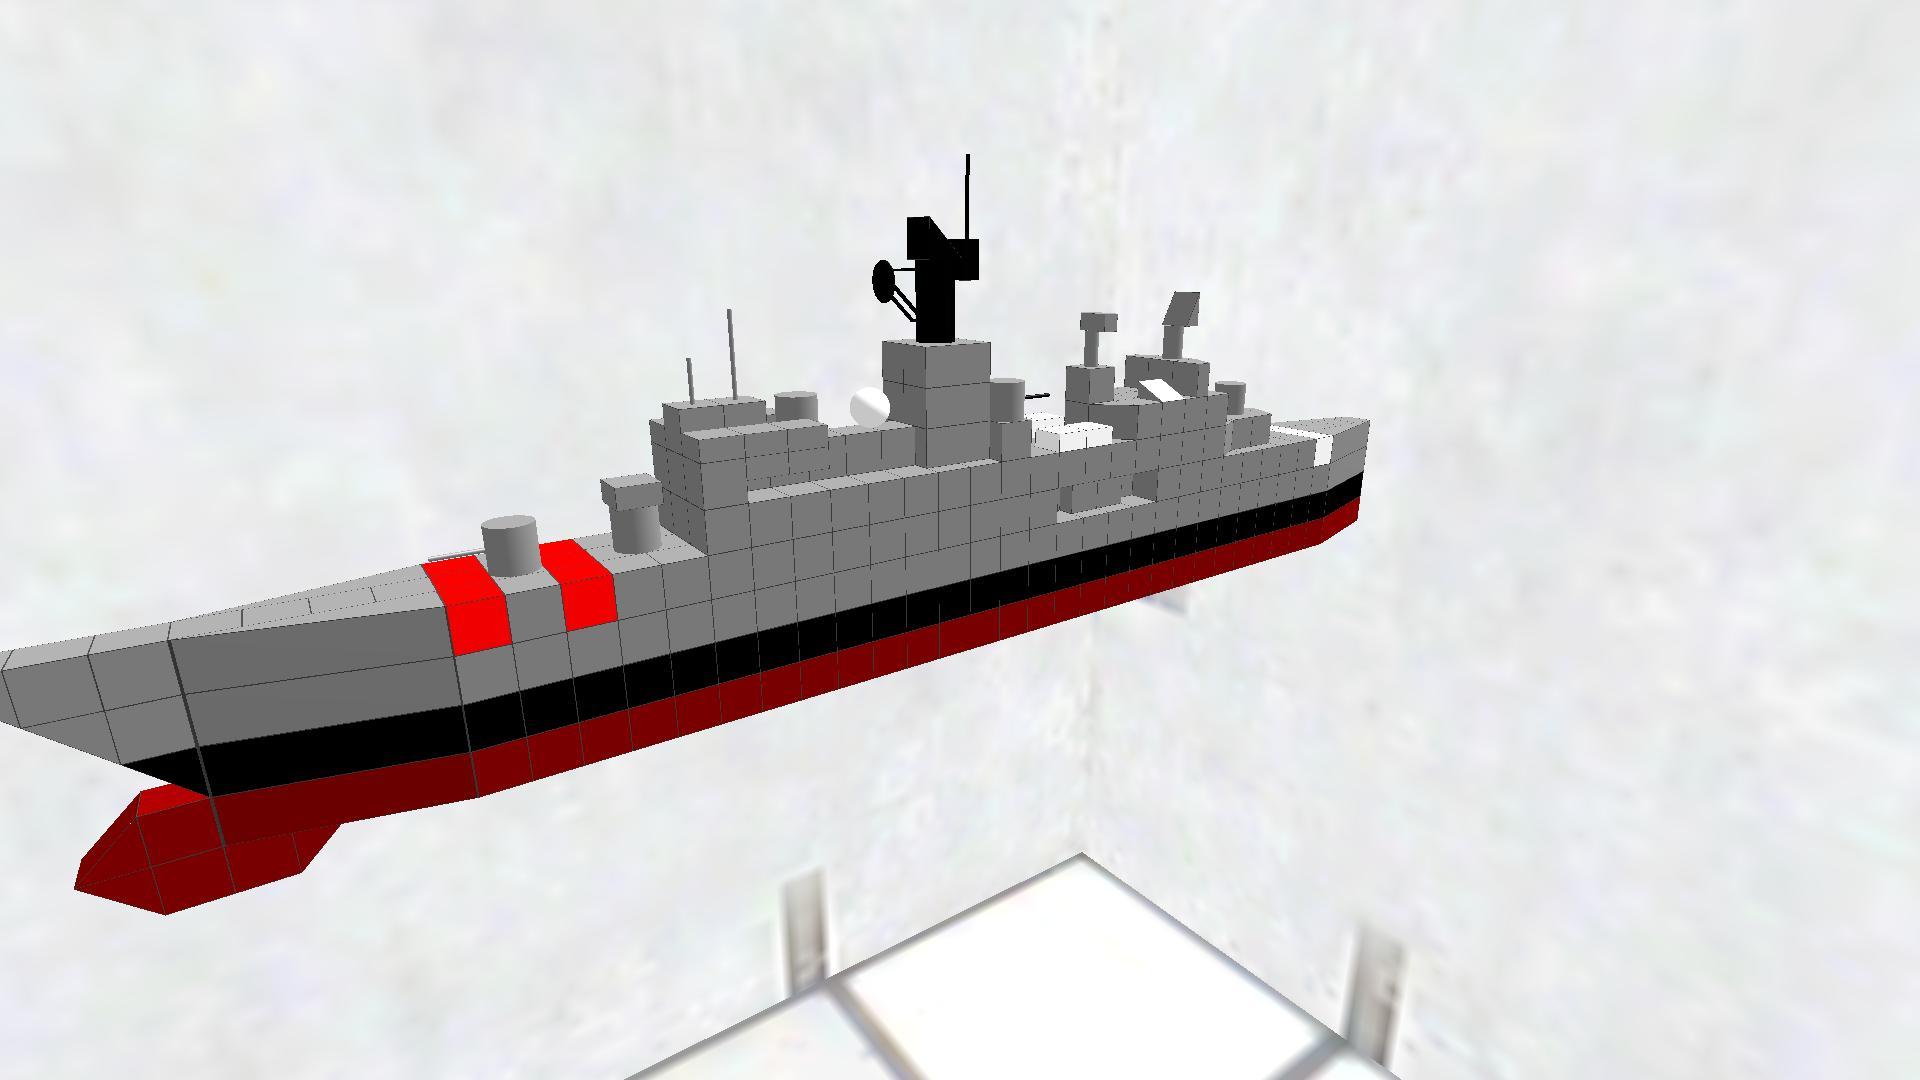 ノックス級フリゲート艦